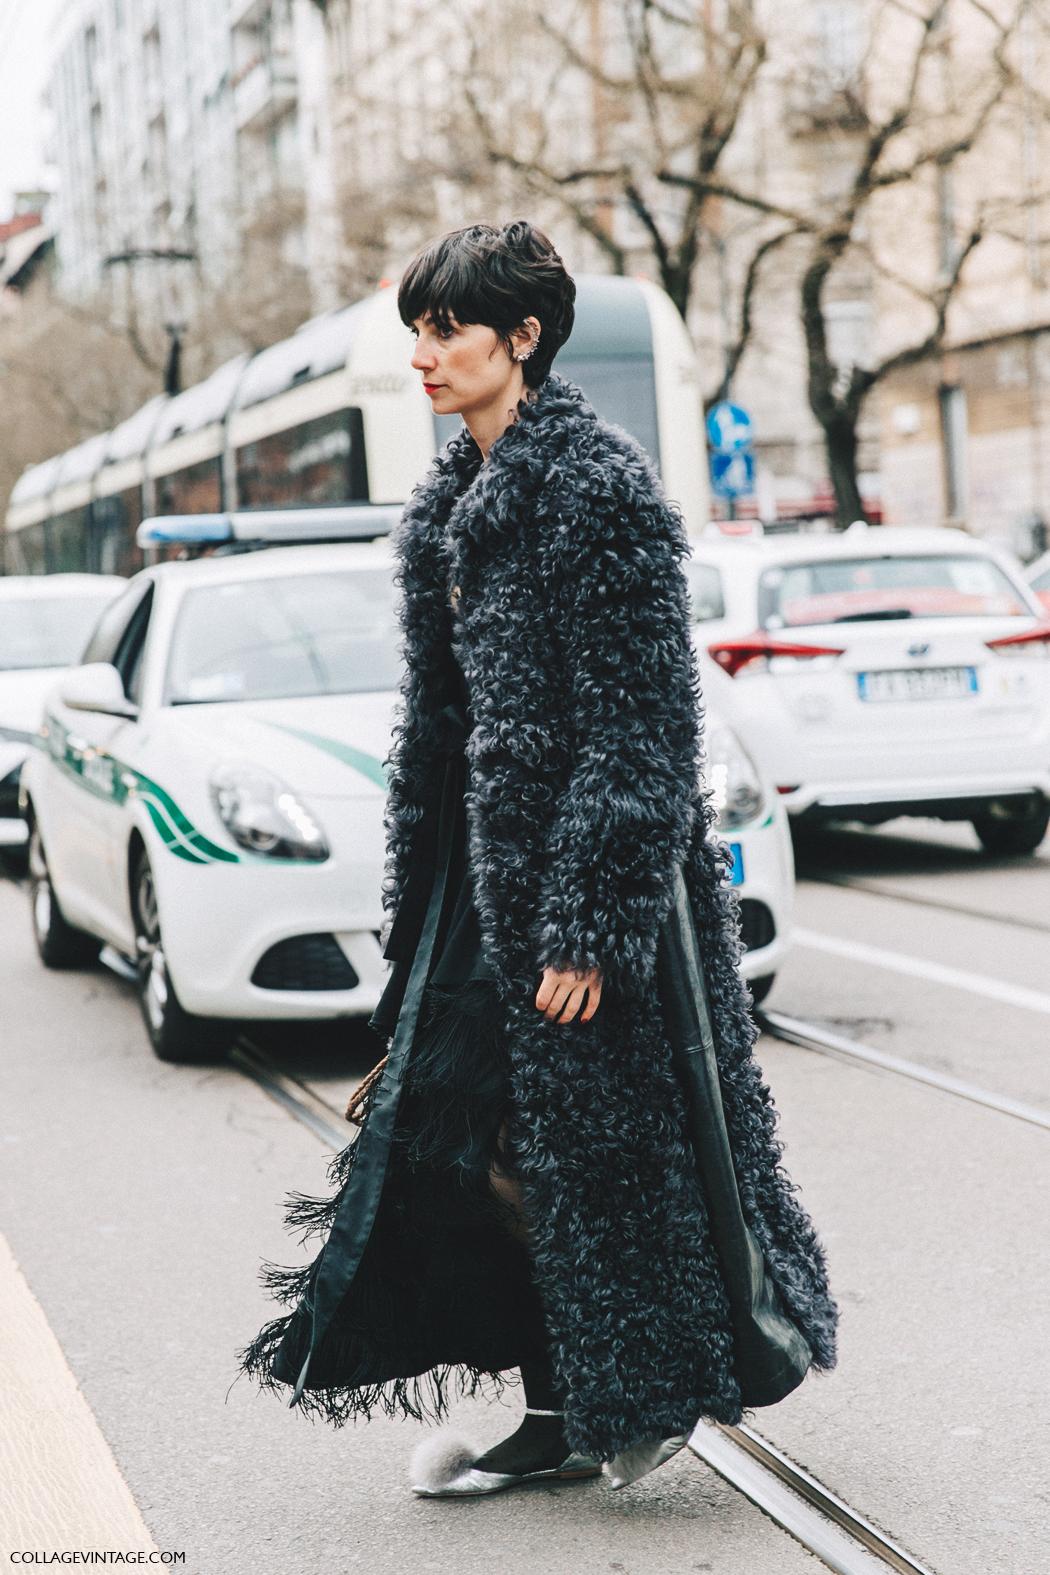 Milan_Fashion_Week_Fall_16-MFW-Street_Style-Collage_Vintage-Fur_Coat-Eva-